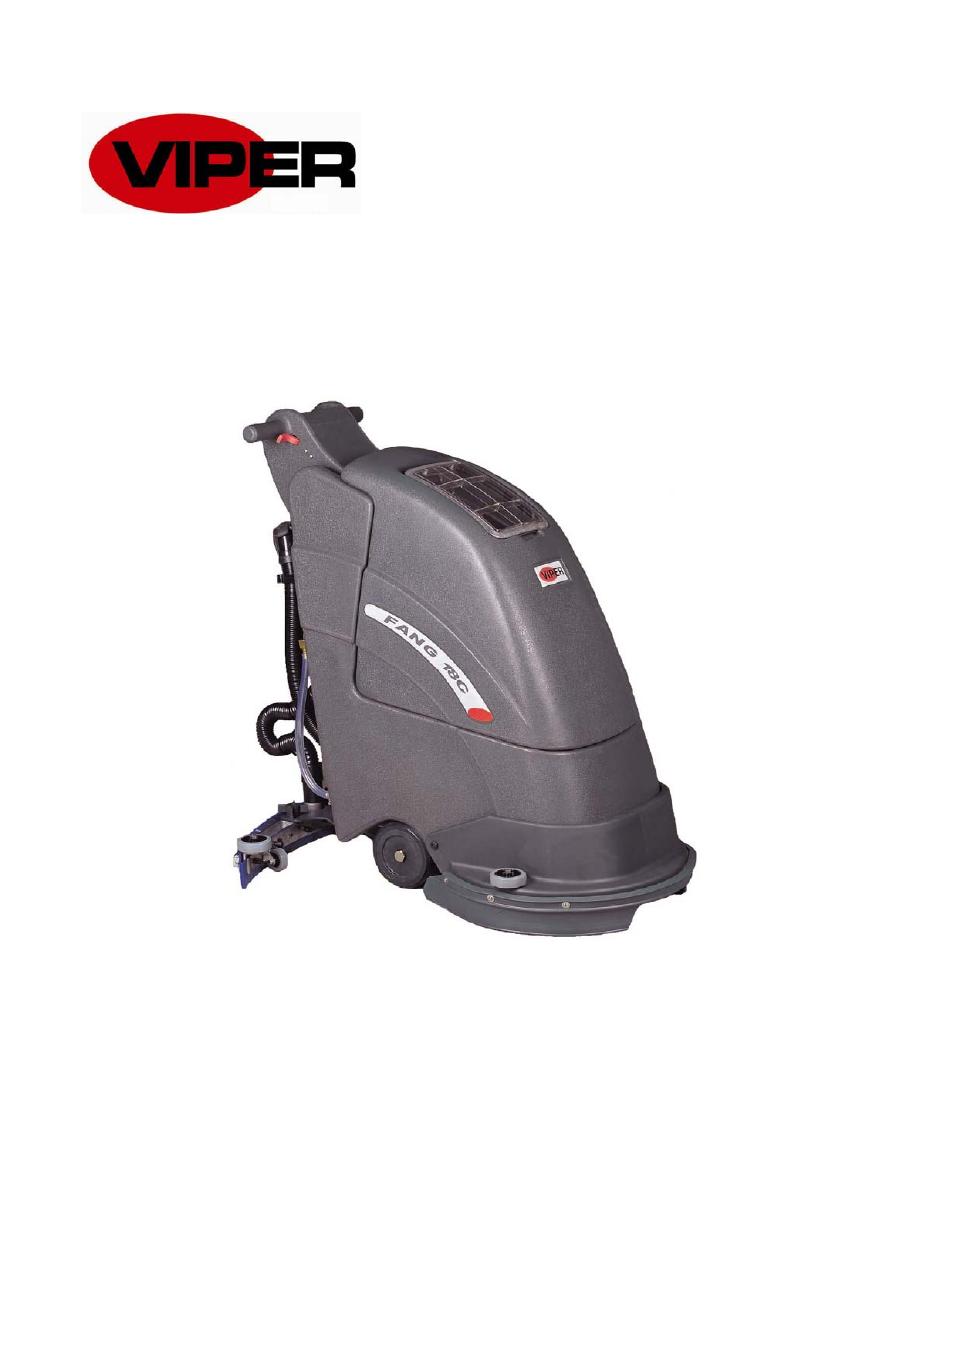 viper buffer manual